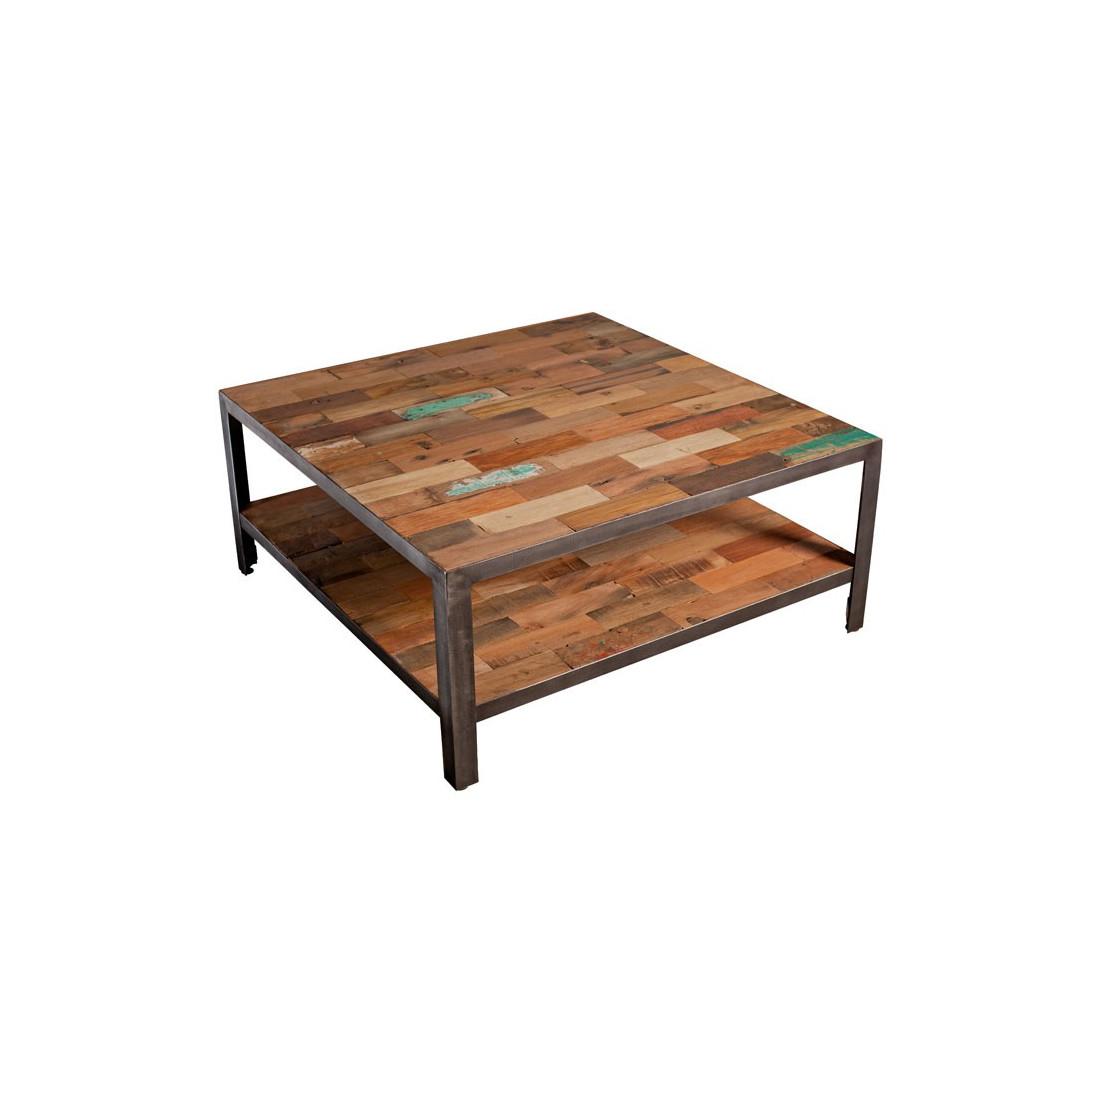 Table basse carr e double plateau industriel fabrik univers salon - Table basse vintage industriel ...